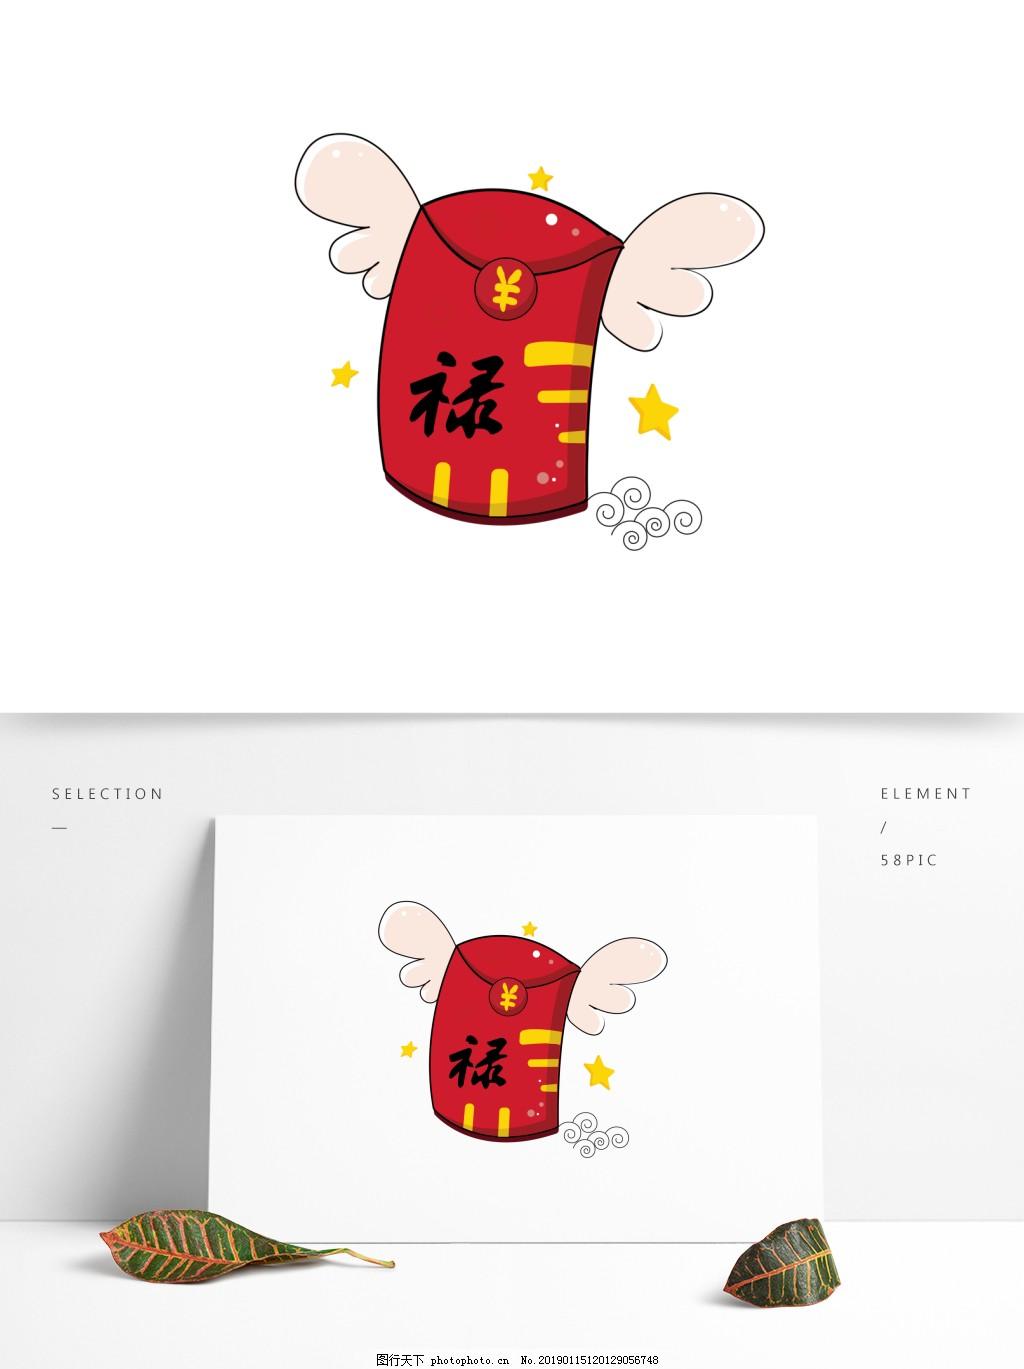 红包节日元素矢量装饰可商用,喜庆,会飞的红包,福禄寿